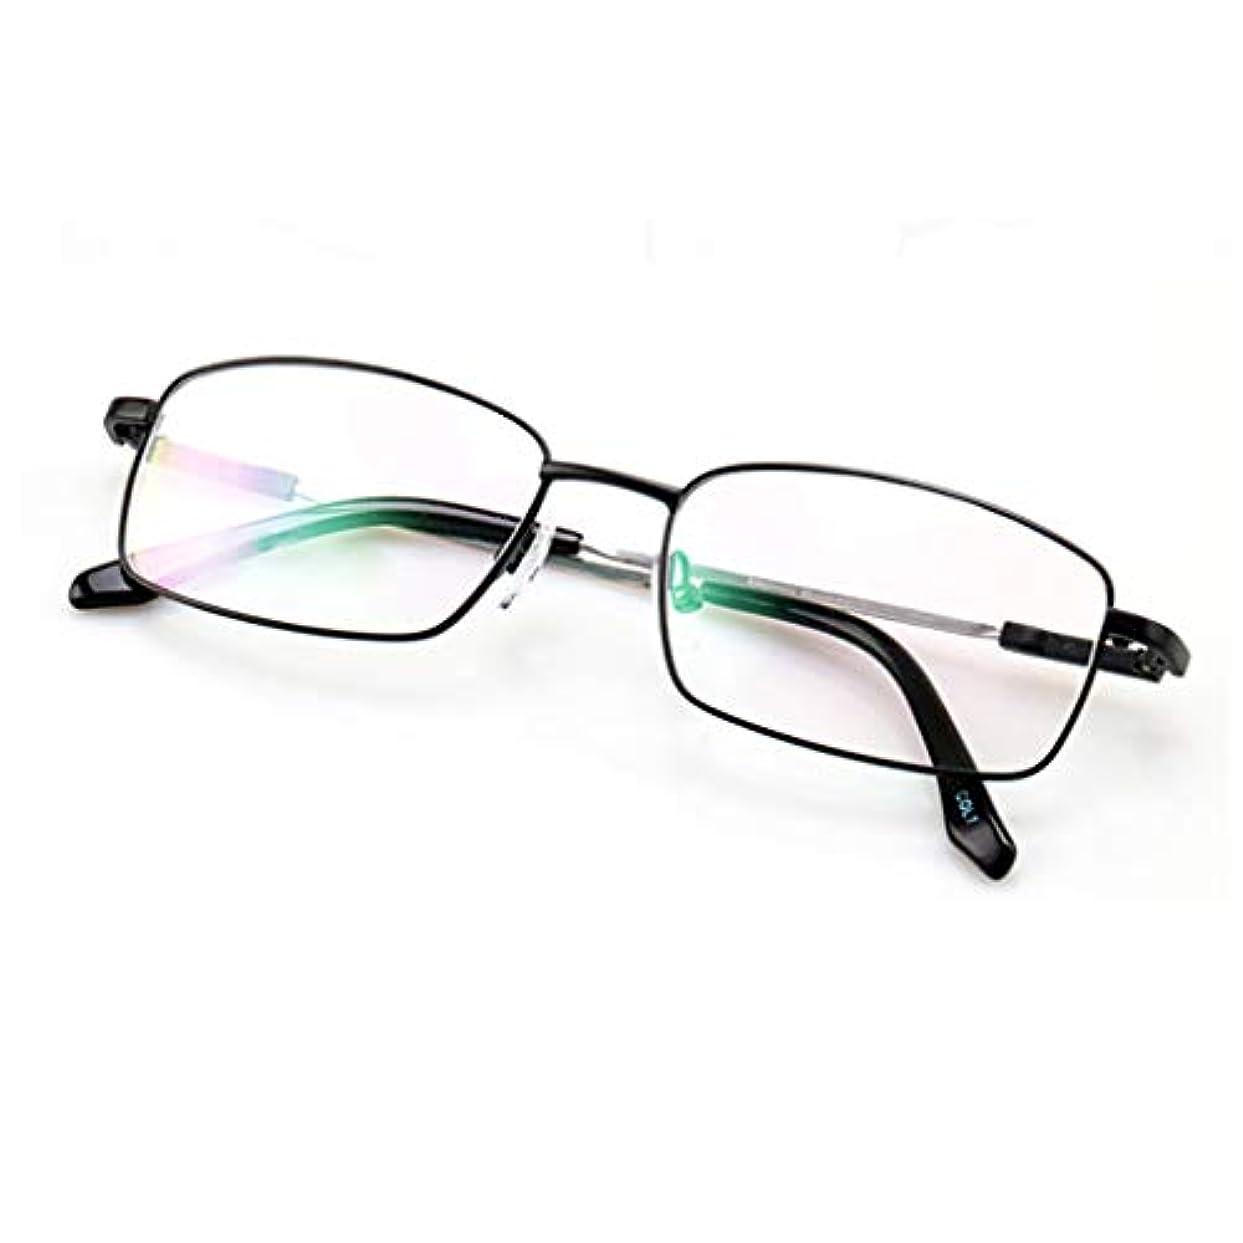 勝利した海港ブリーク金属製老眼鏡Hdアンチブルーライトプログレッシブ多焦点老眼鏡(+ 1.0、+ 1.5、+ 2.0、+ 2.5、+ 3.0)